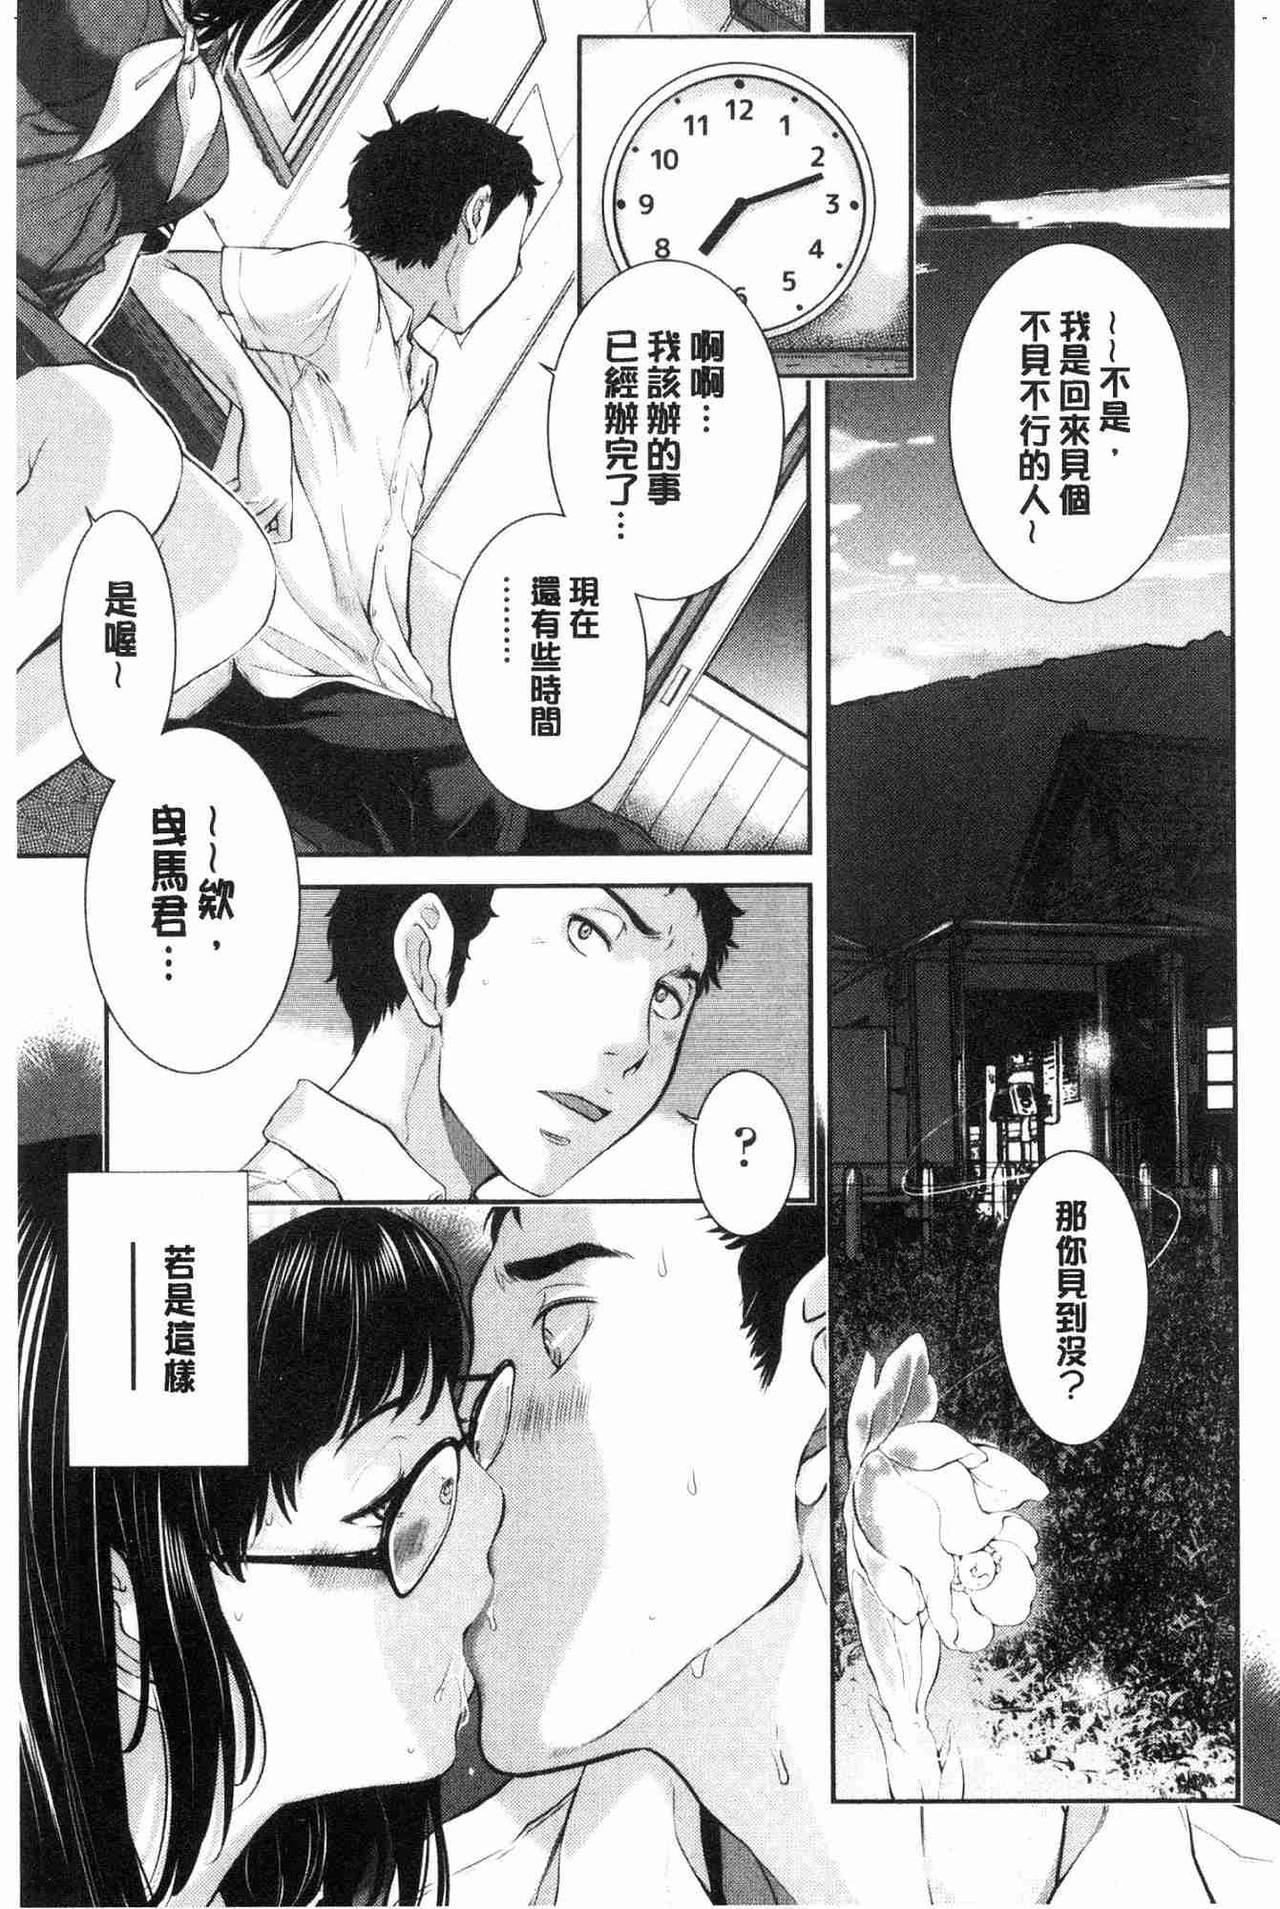 [Harazaki Takuma] Seifuku Shijou Shugi -Natsu- - Uniforms supremacy [Chinese] 139